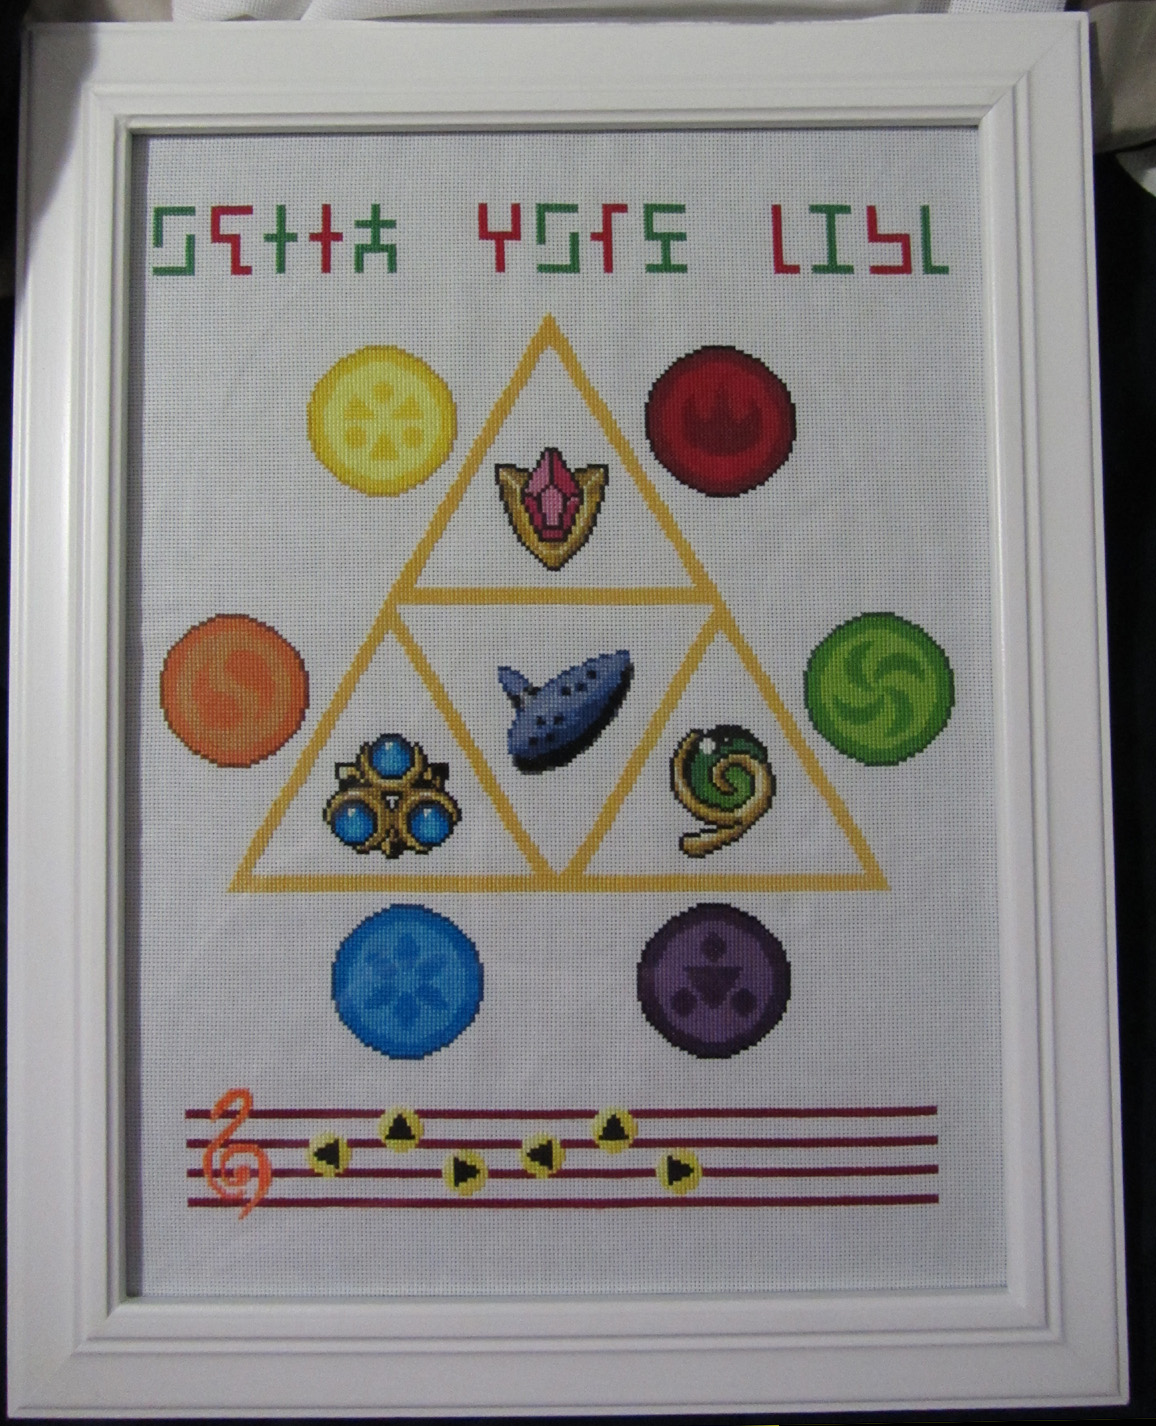 Legend of Zelda OoT cross stitch project by Lileya-Celestie